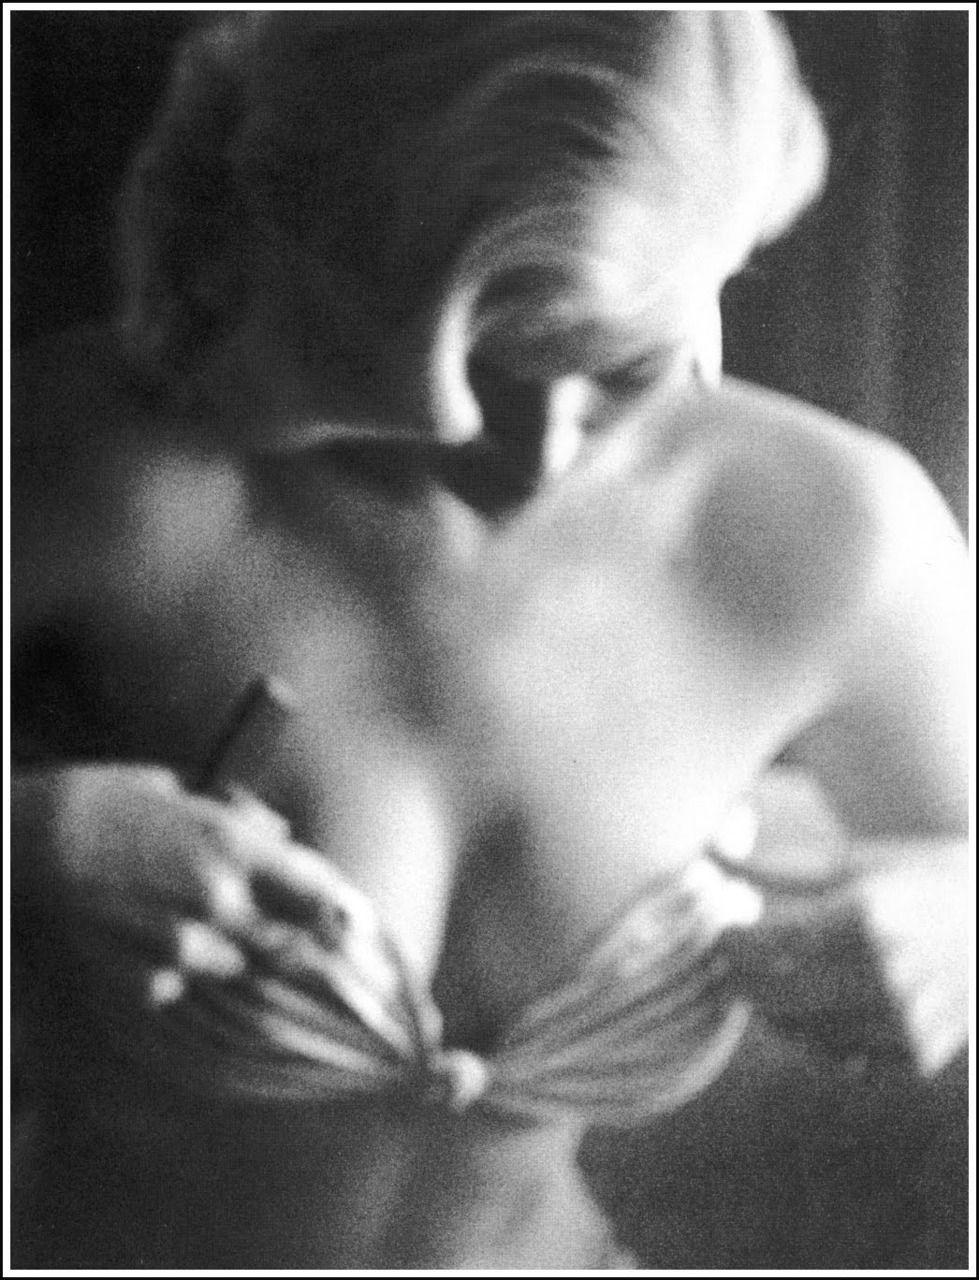 Anita Ekberg By Phil Stern 1956 Anita Desnuda モノクロ